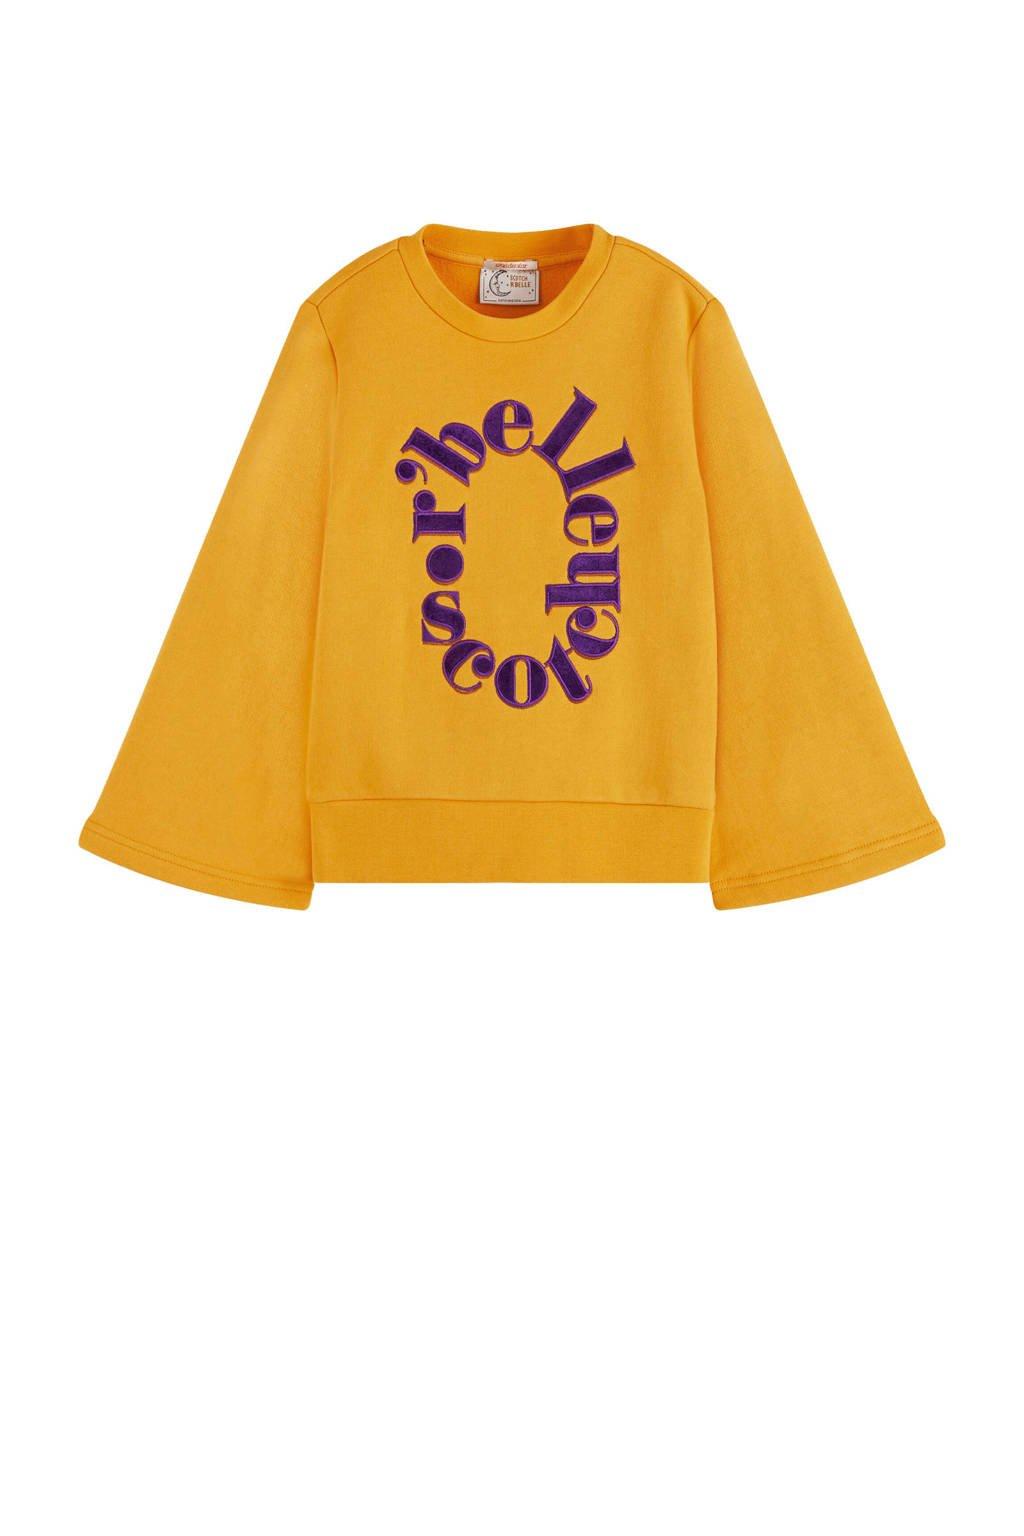 Scotch & Soda sweater met tekst geel/paars, Geel/paars